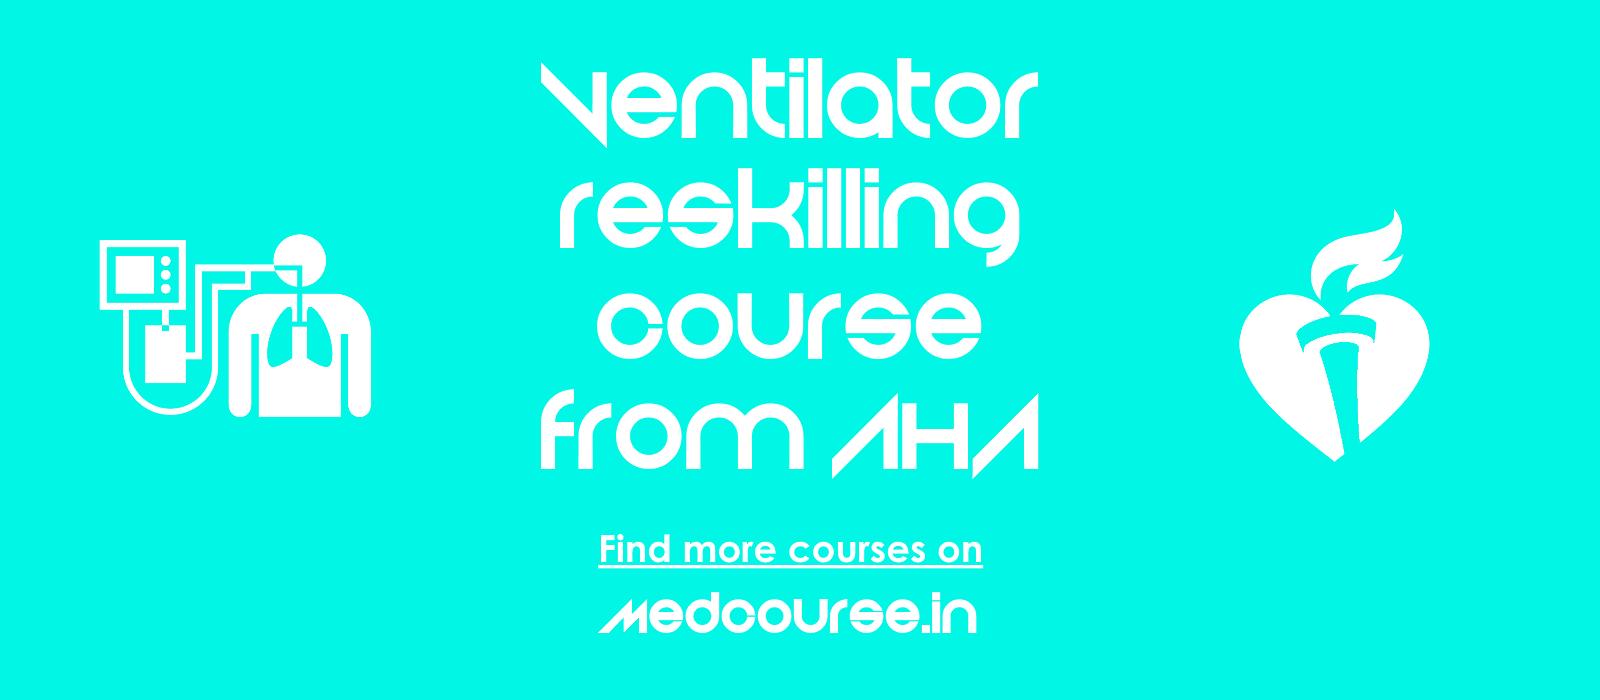 Ventilator course